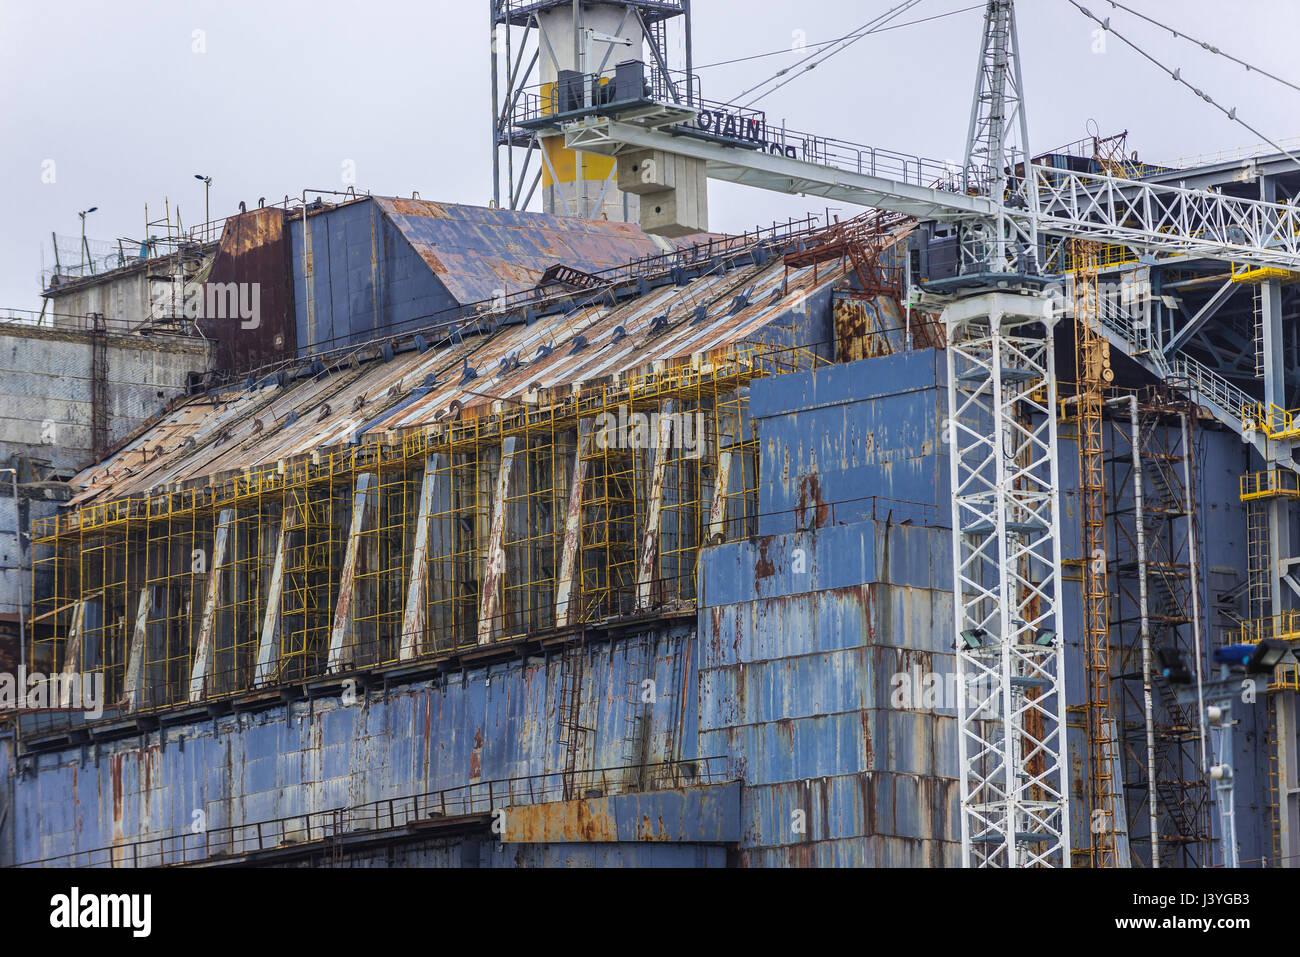 Chernobyl Reactor No 4 Stock Photos & Chernobyl Reactor No 4